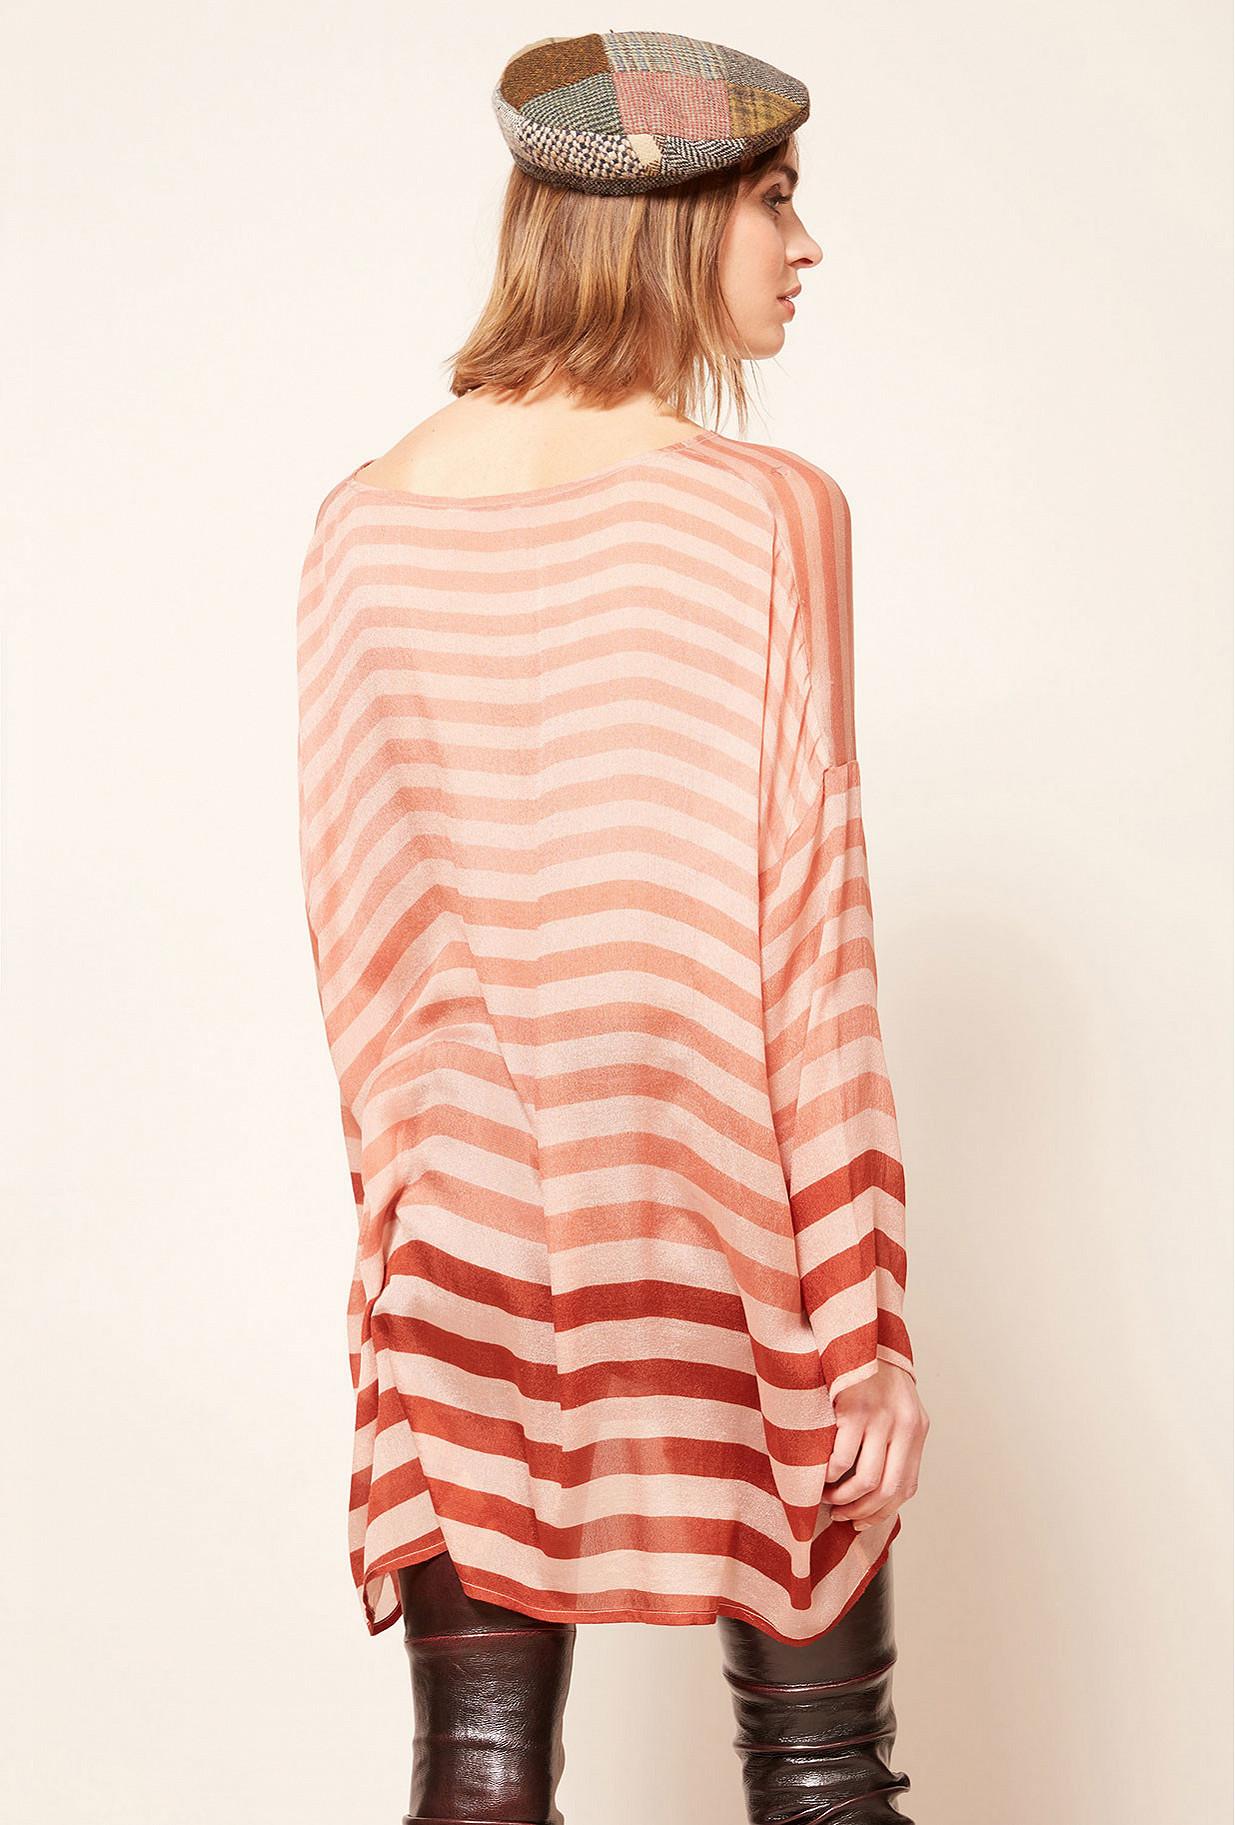 Paris boutique de mode vêtement Blouse créateur bohème  Sunrise